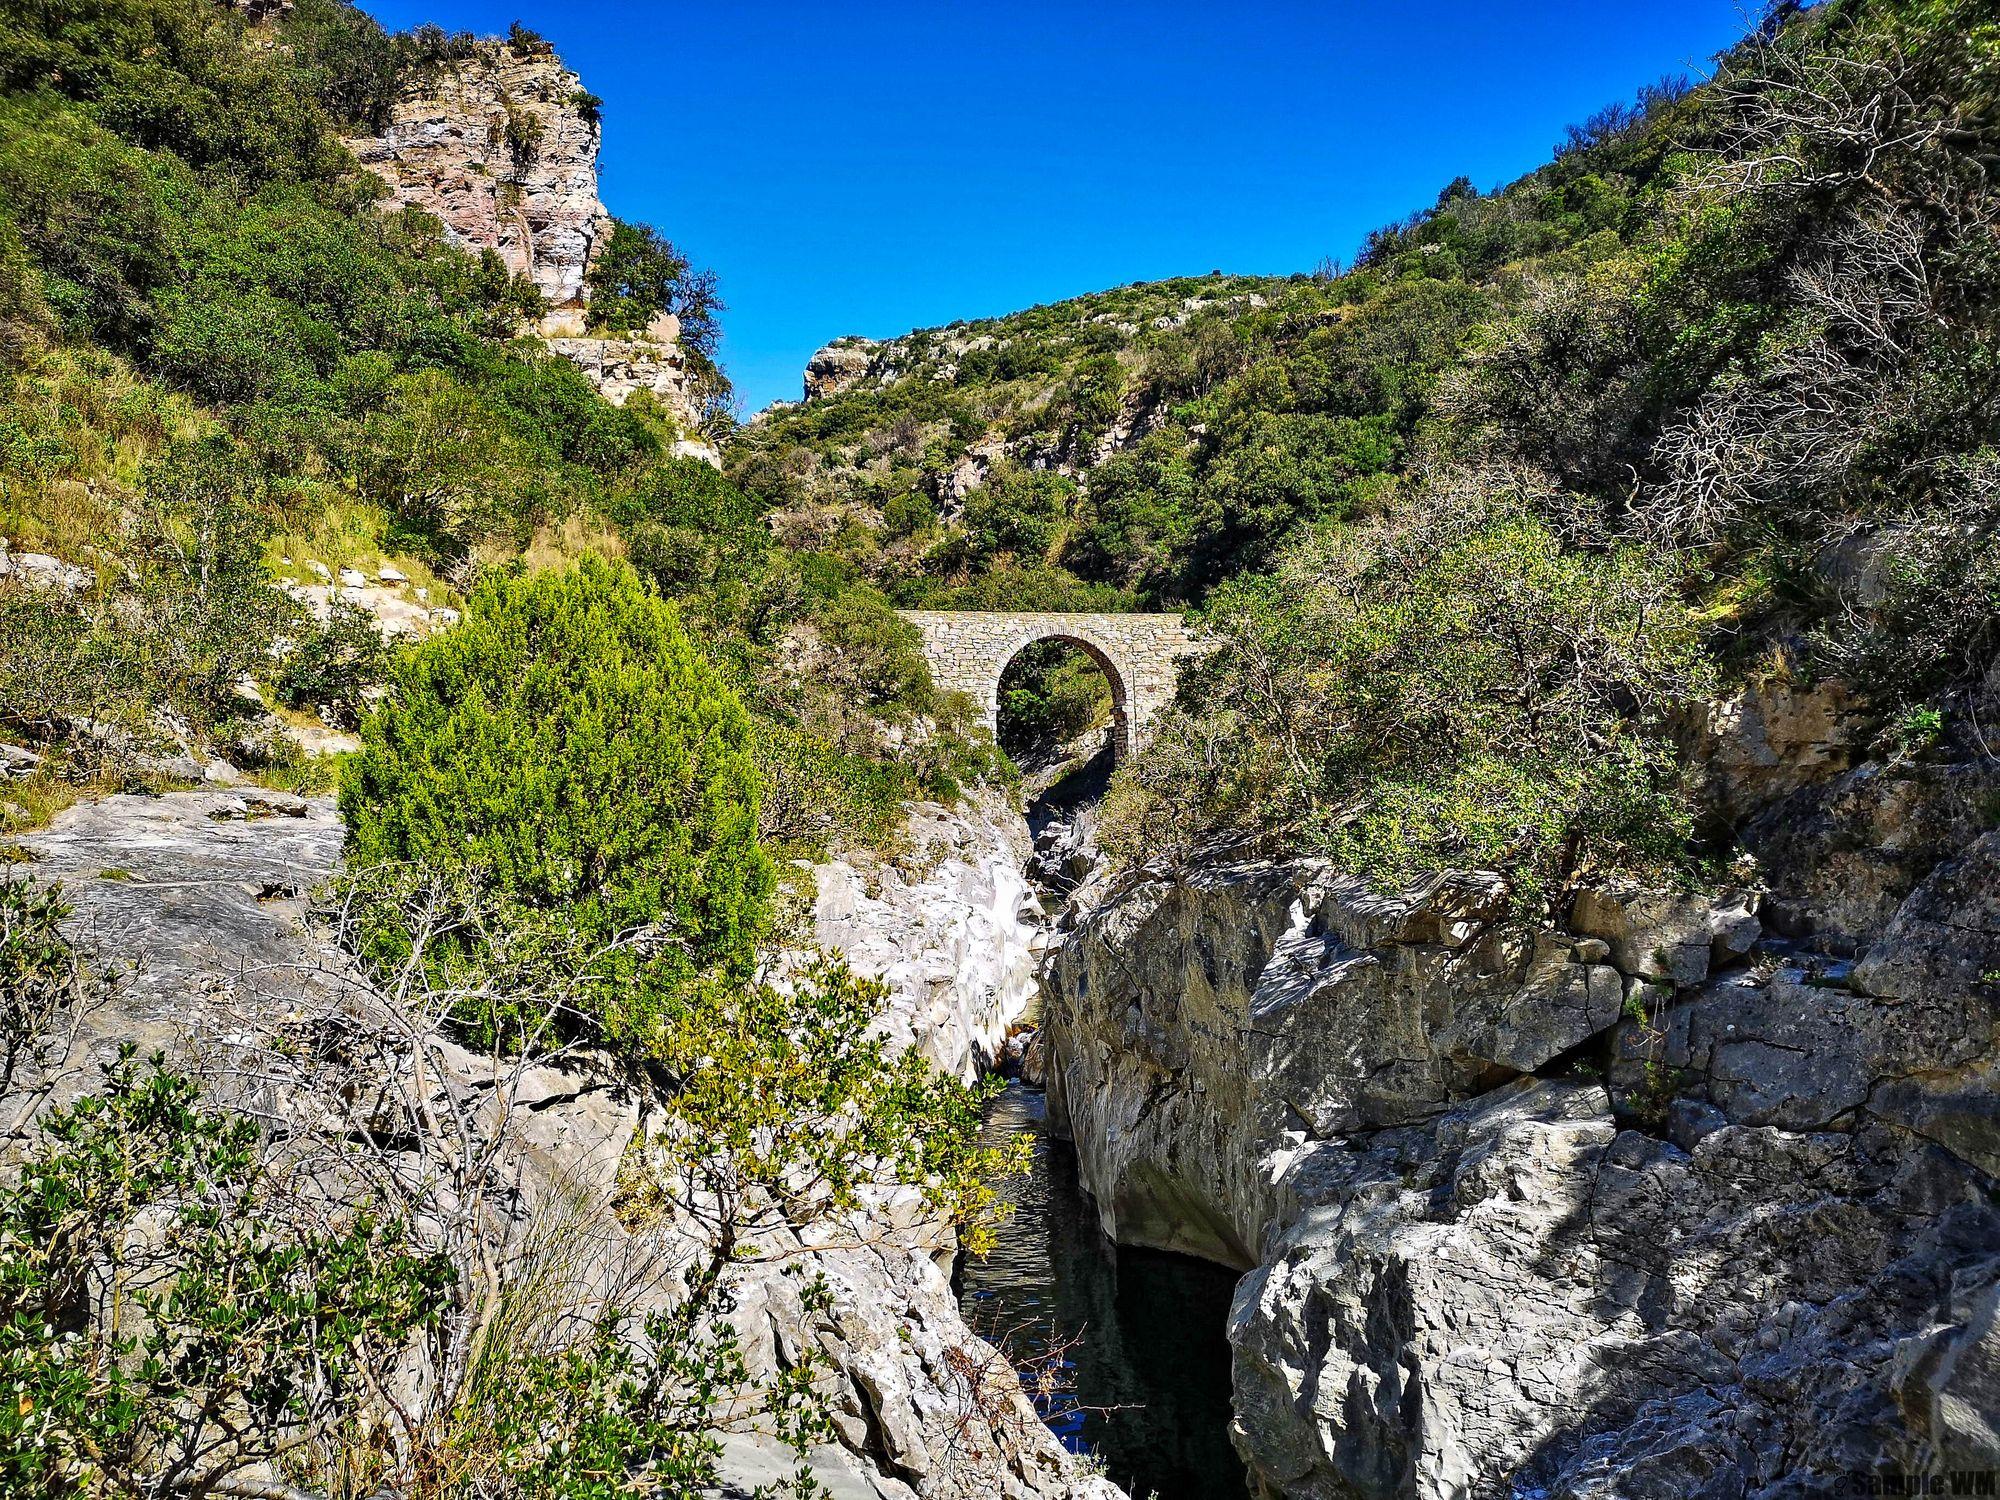 Le Pont du Moulin dans les gorges du Brian, vers Minerve